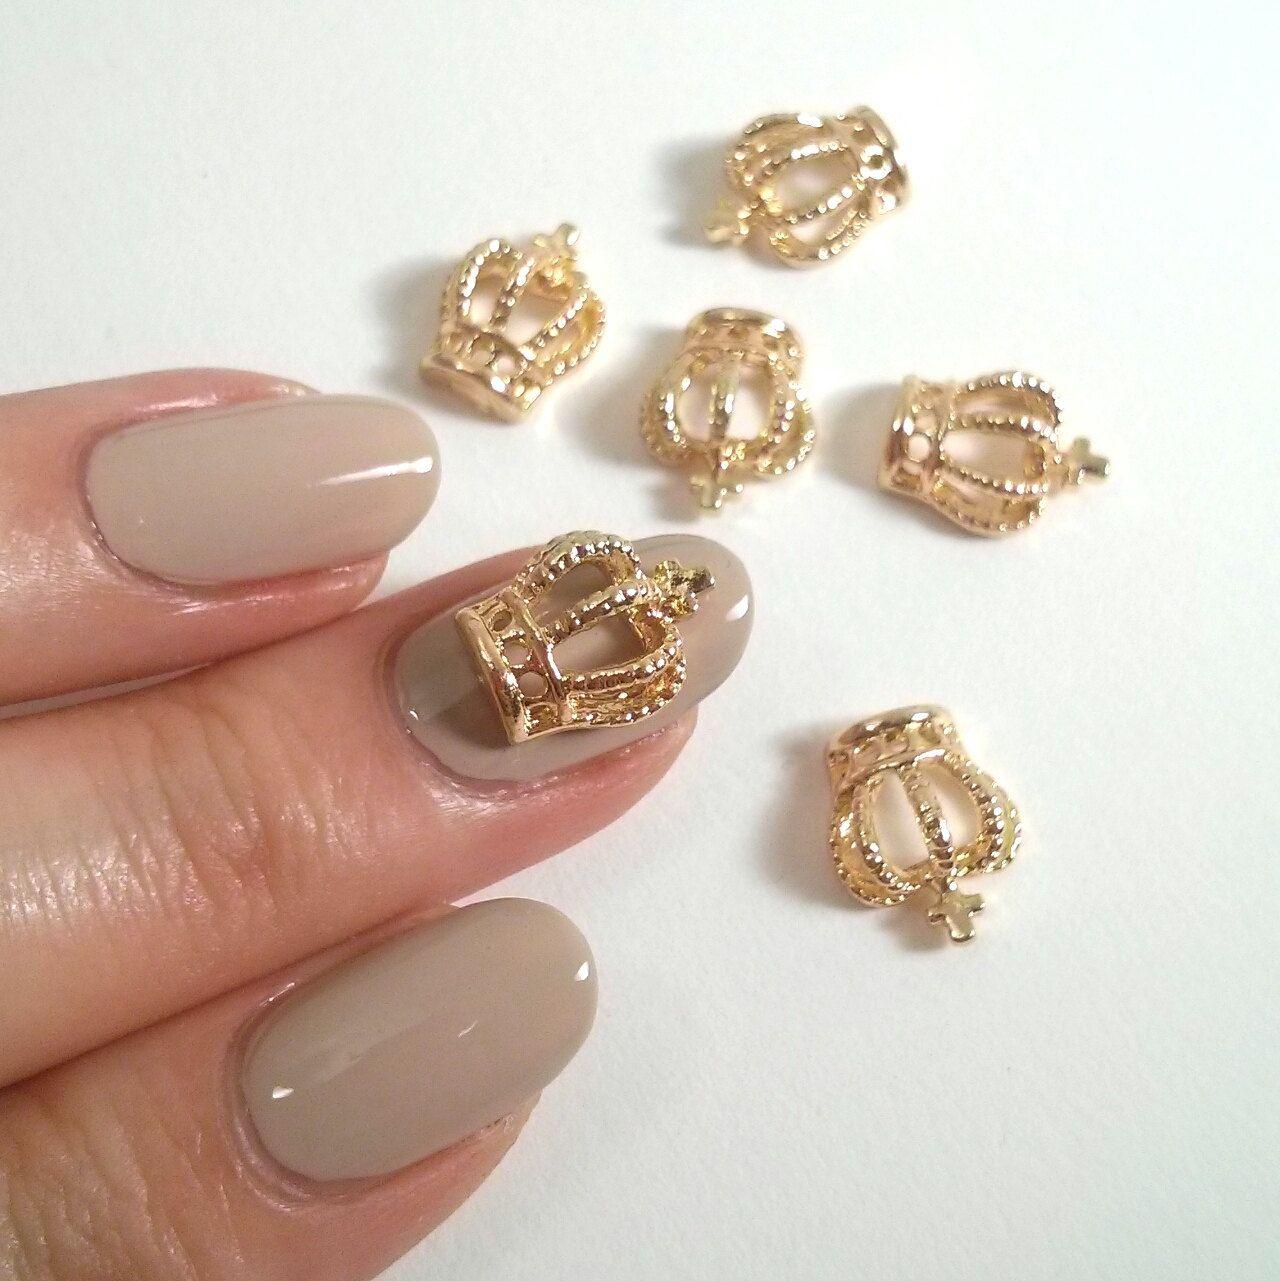 2 Pcs Gold Crown 3D Metallic Nail Charm / Jewelry   Pinterest   Nail ...